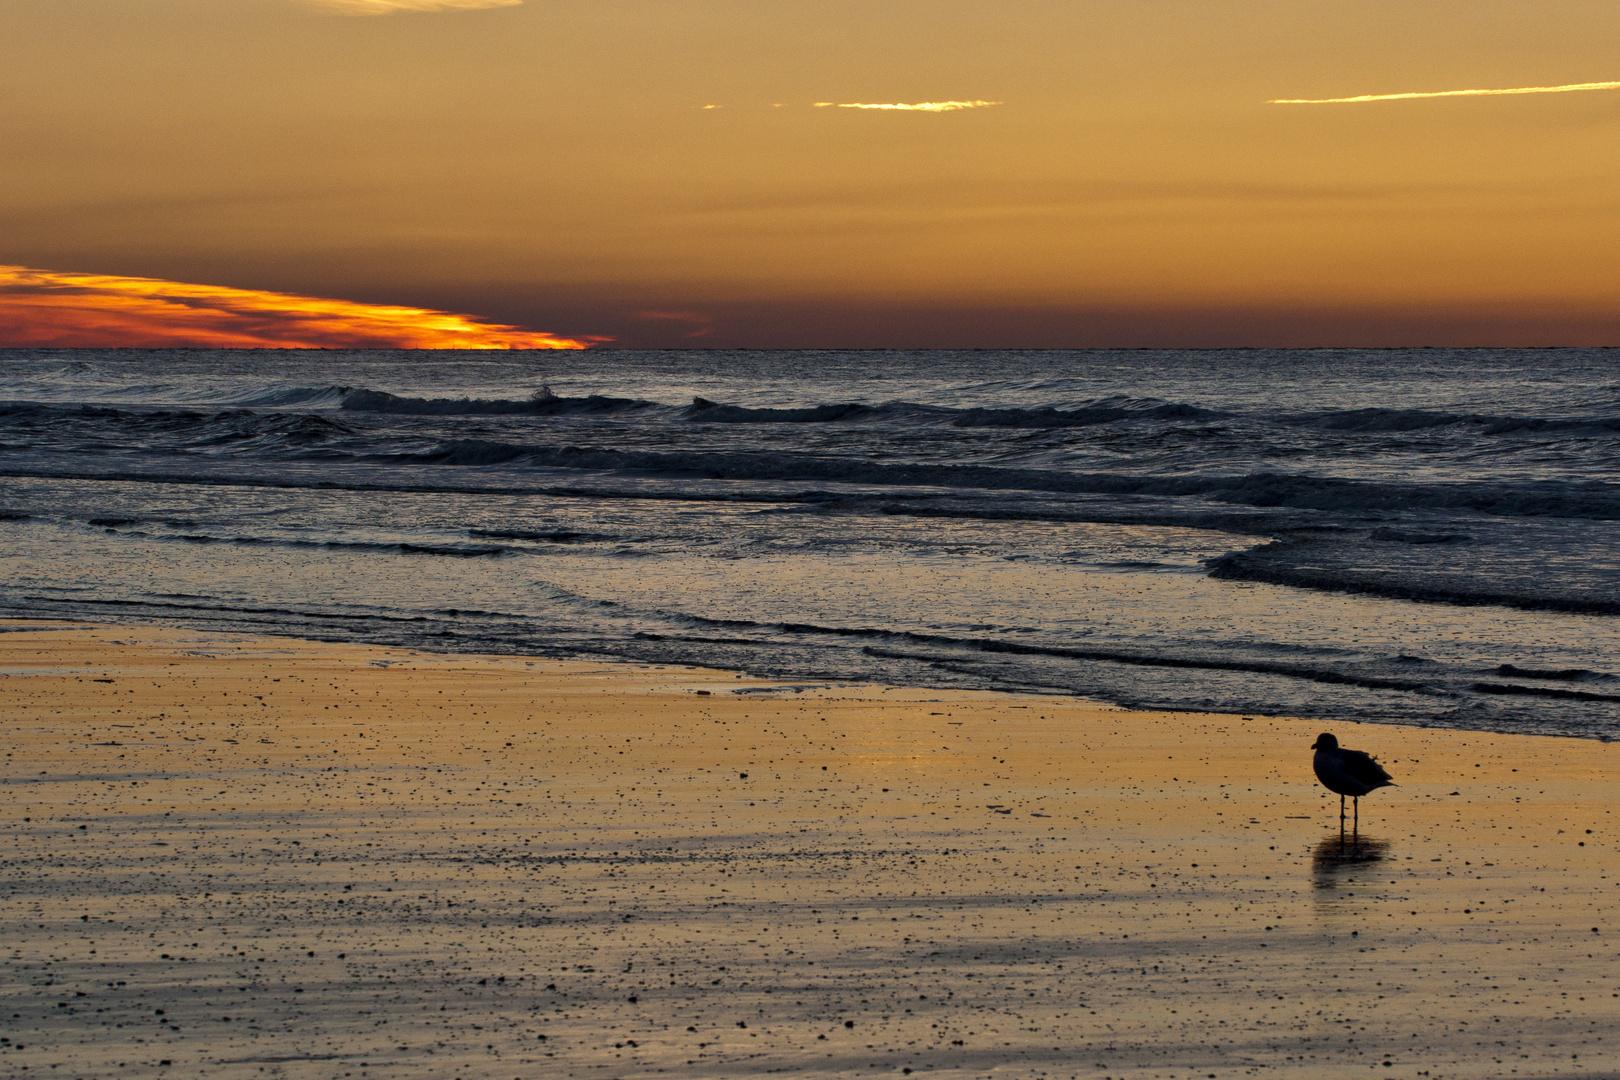 Letztes Abendlicht - Sonnenuntergang auf Norderney